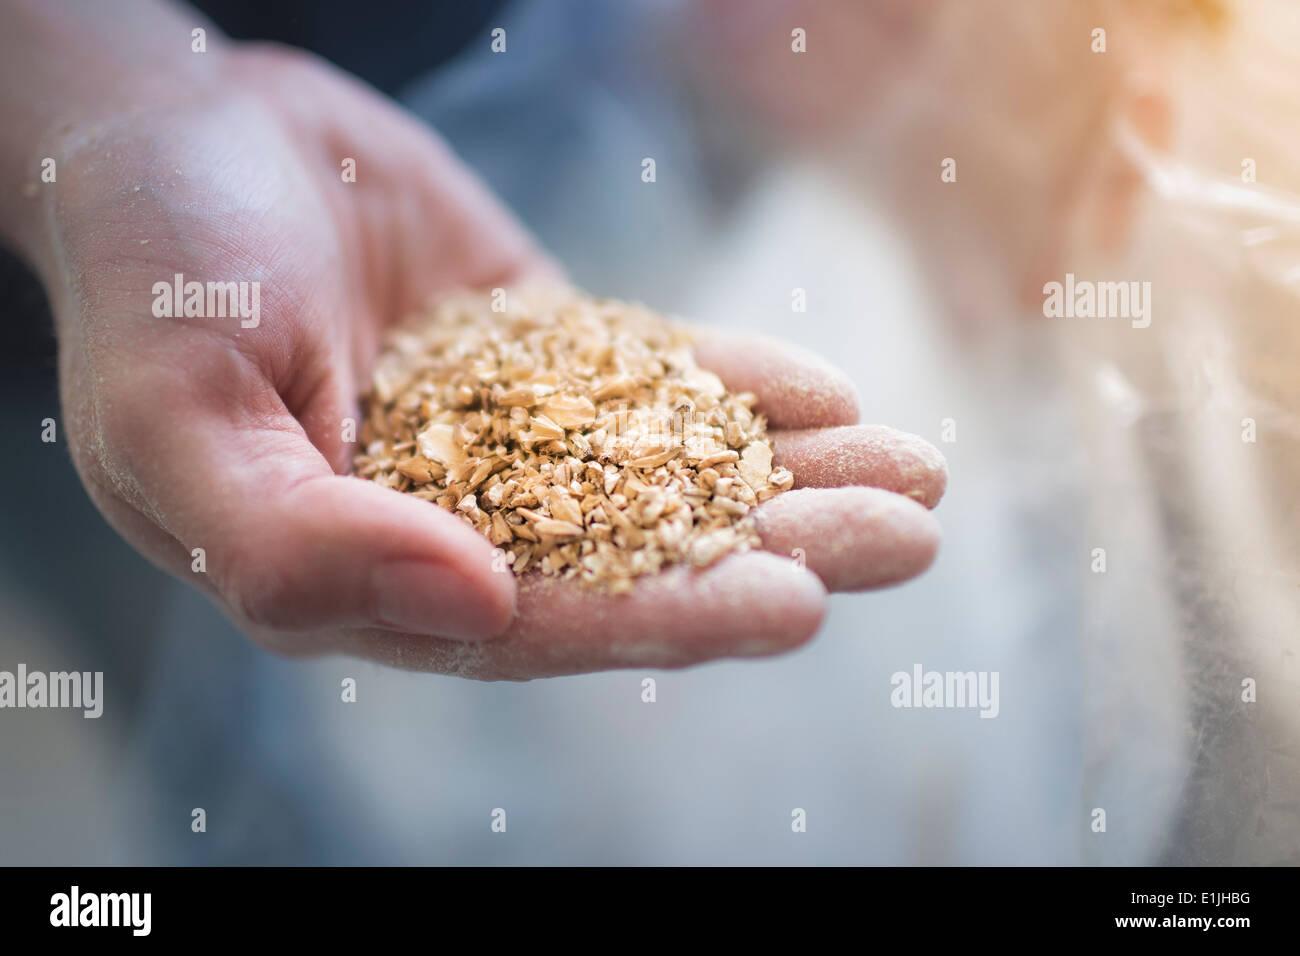 Nahaufnahme von männliche Hand mit zwei Zeile Korn für Hause brauen Bier Stockbild